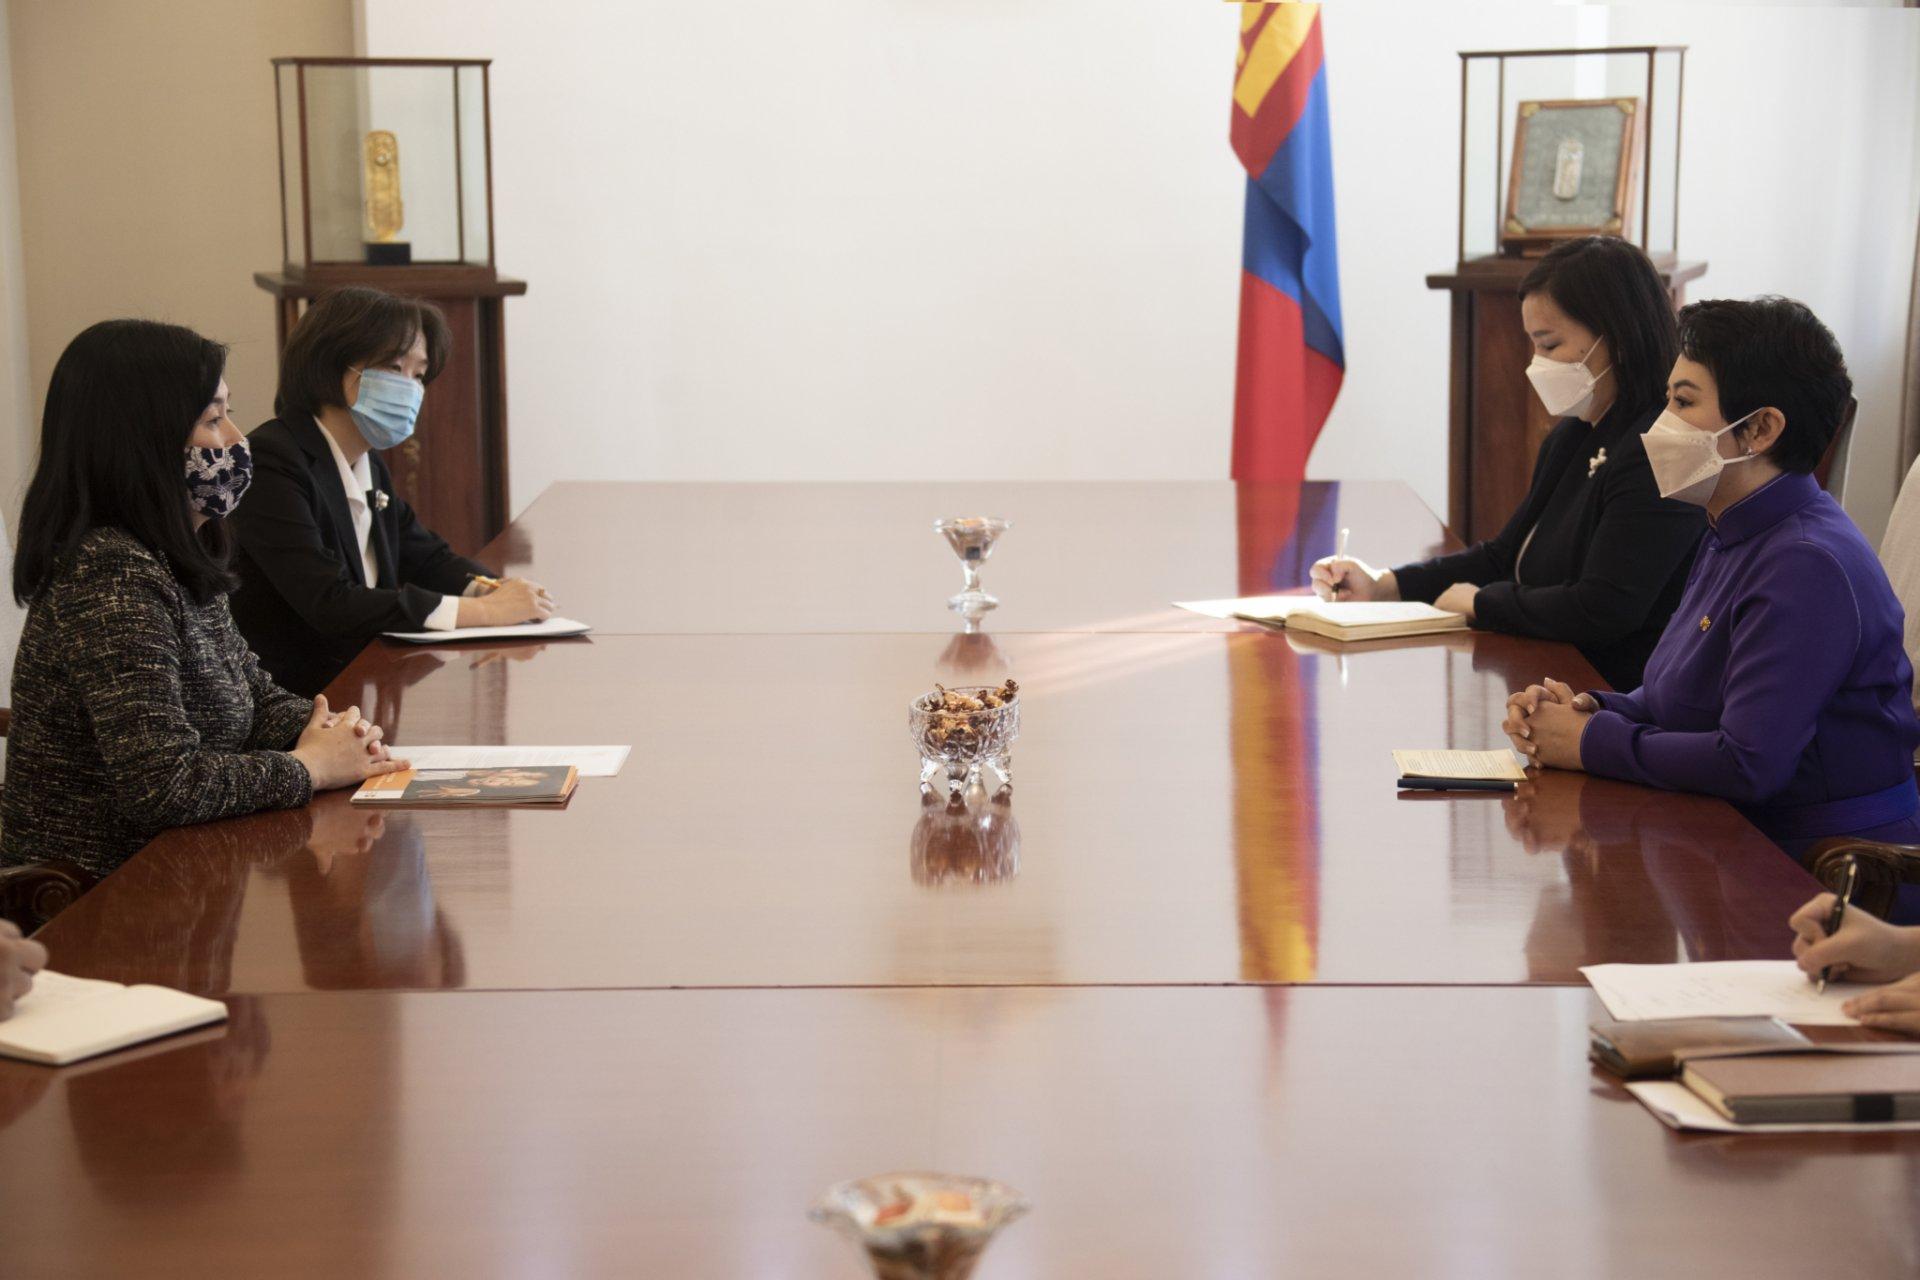 НҮБ-ын Хүн амын сангийн Монгол Улс дахь албаны даргыг хүлээн авч уулзав